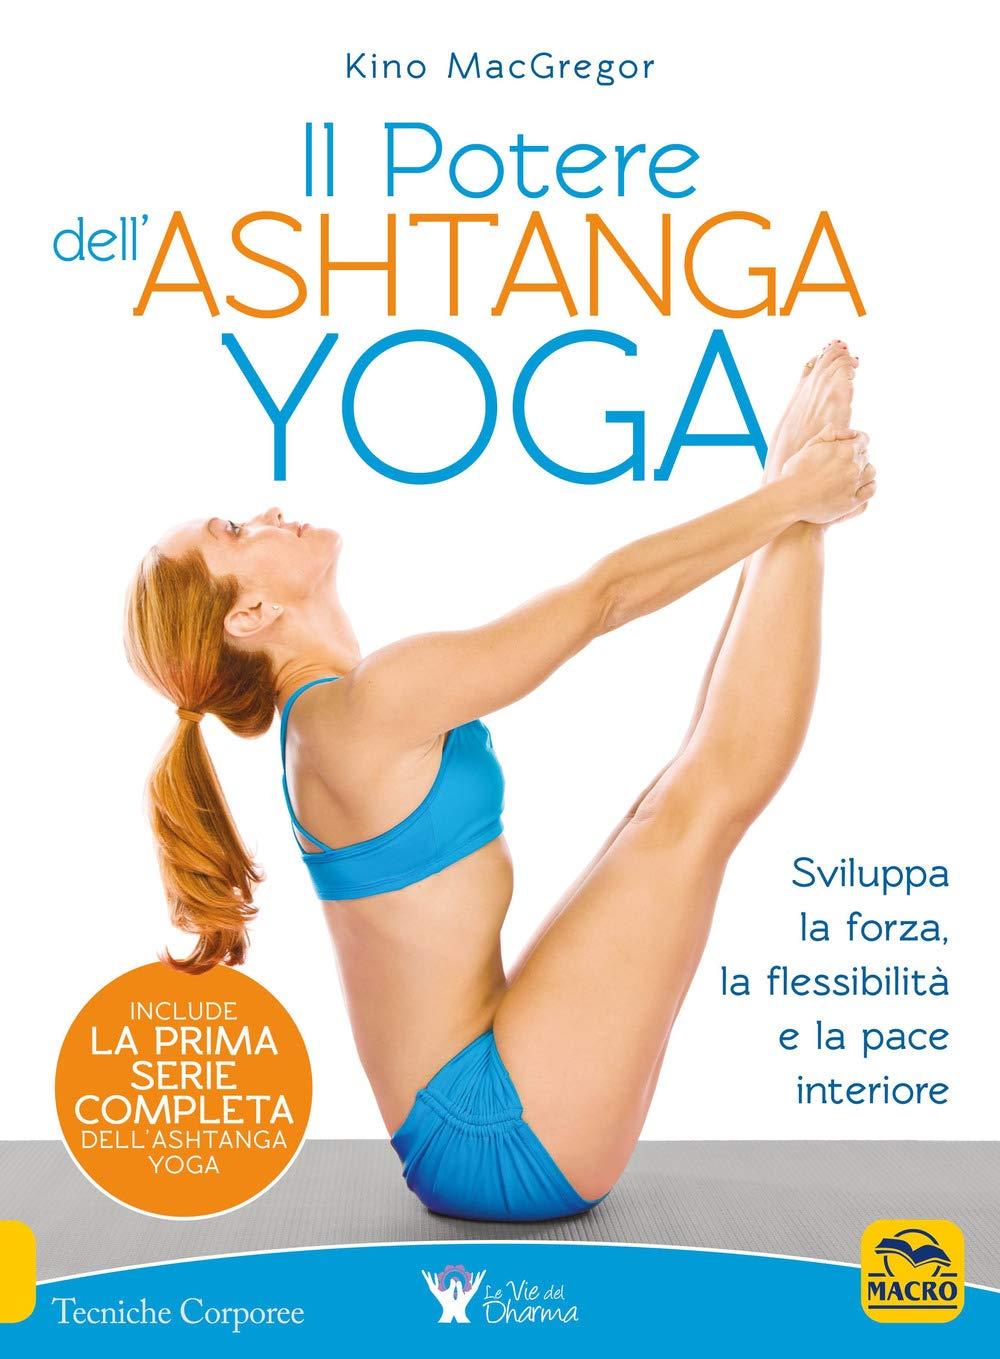 Il potere dellAshtanga yoga: Kino Macgregor: 9788893193153 ...